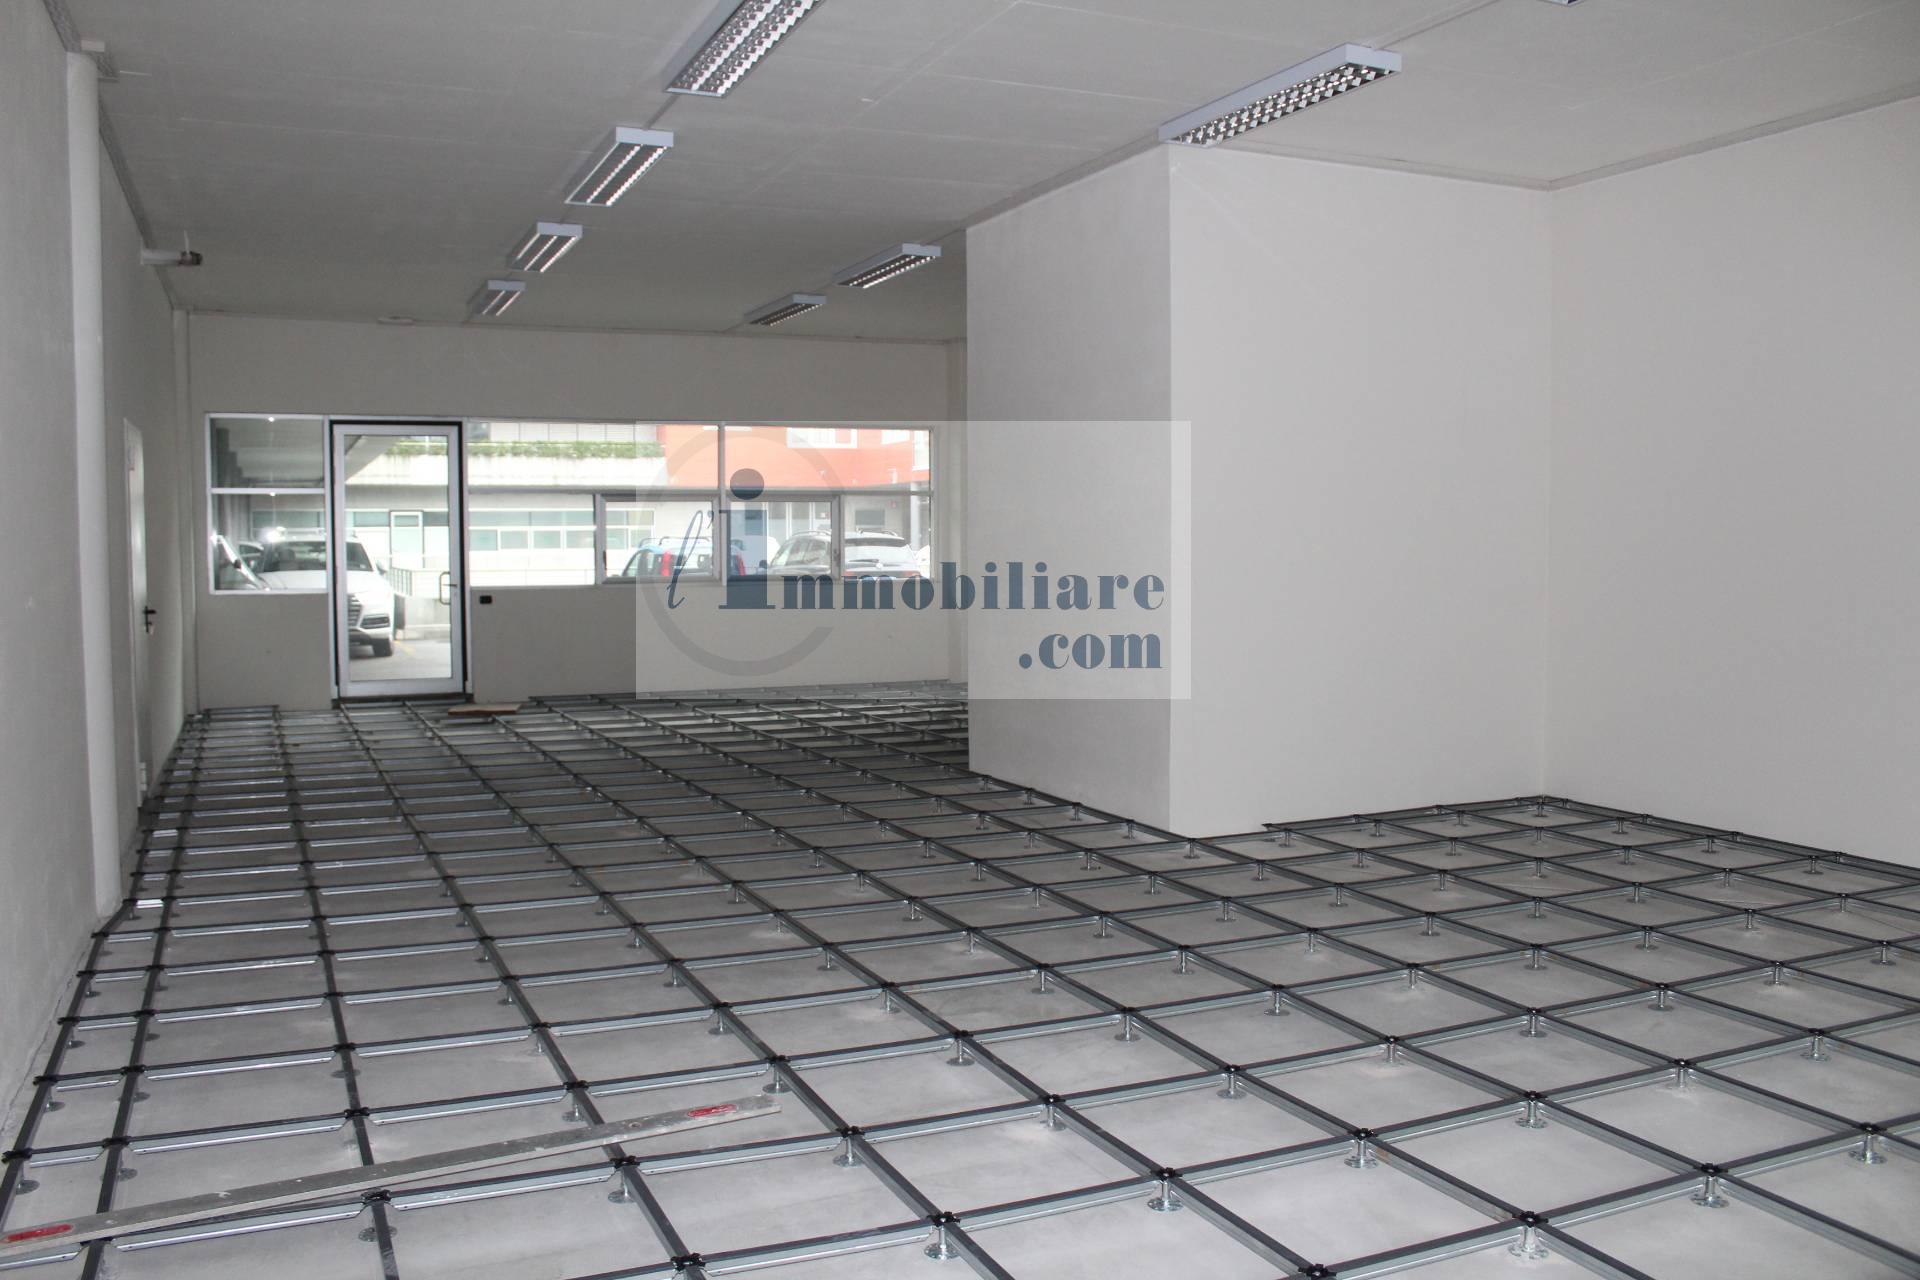 Magazzino in vendita a Bolzano, 5 locali, zona Zona: Periferia, prezzo € 315.000 | CambioCasa.it